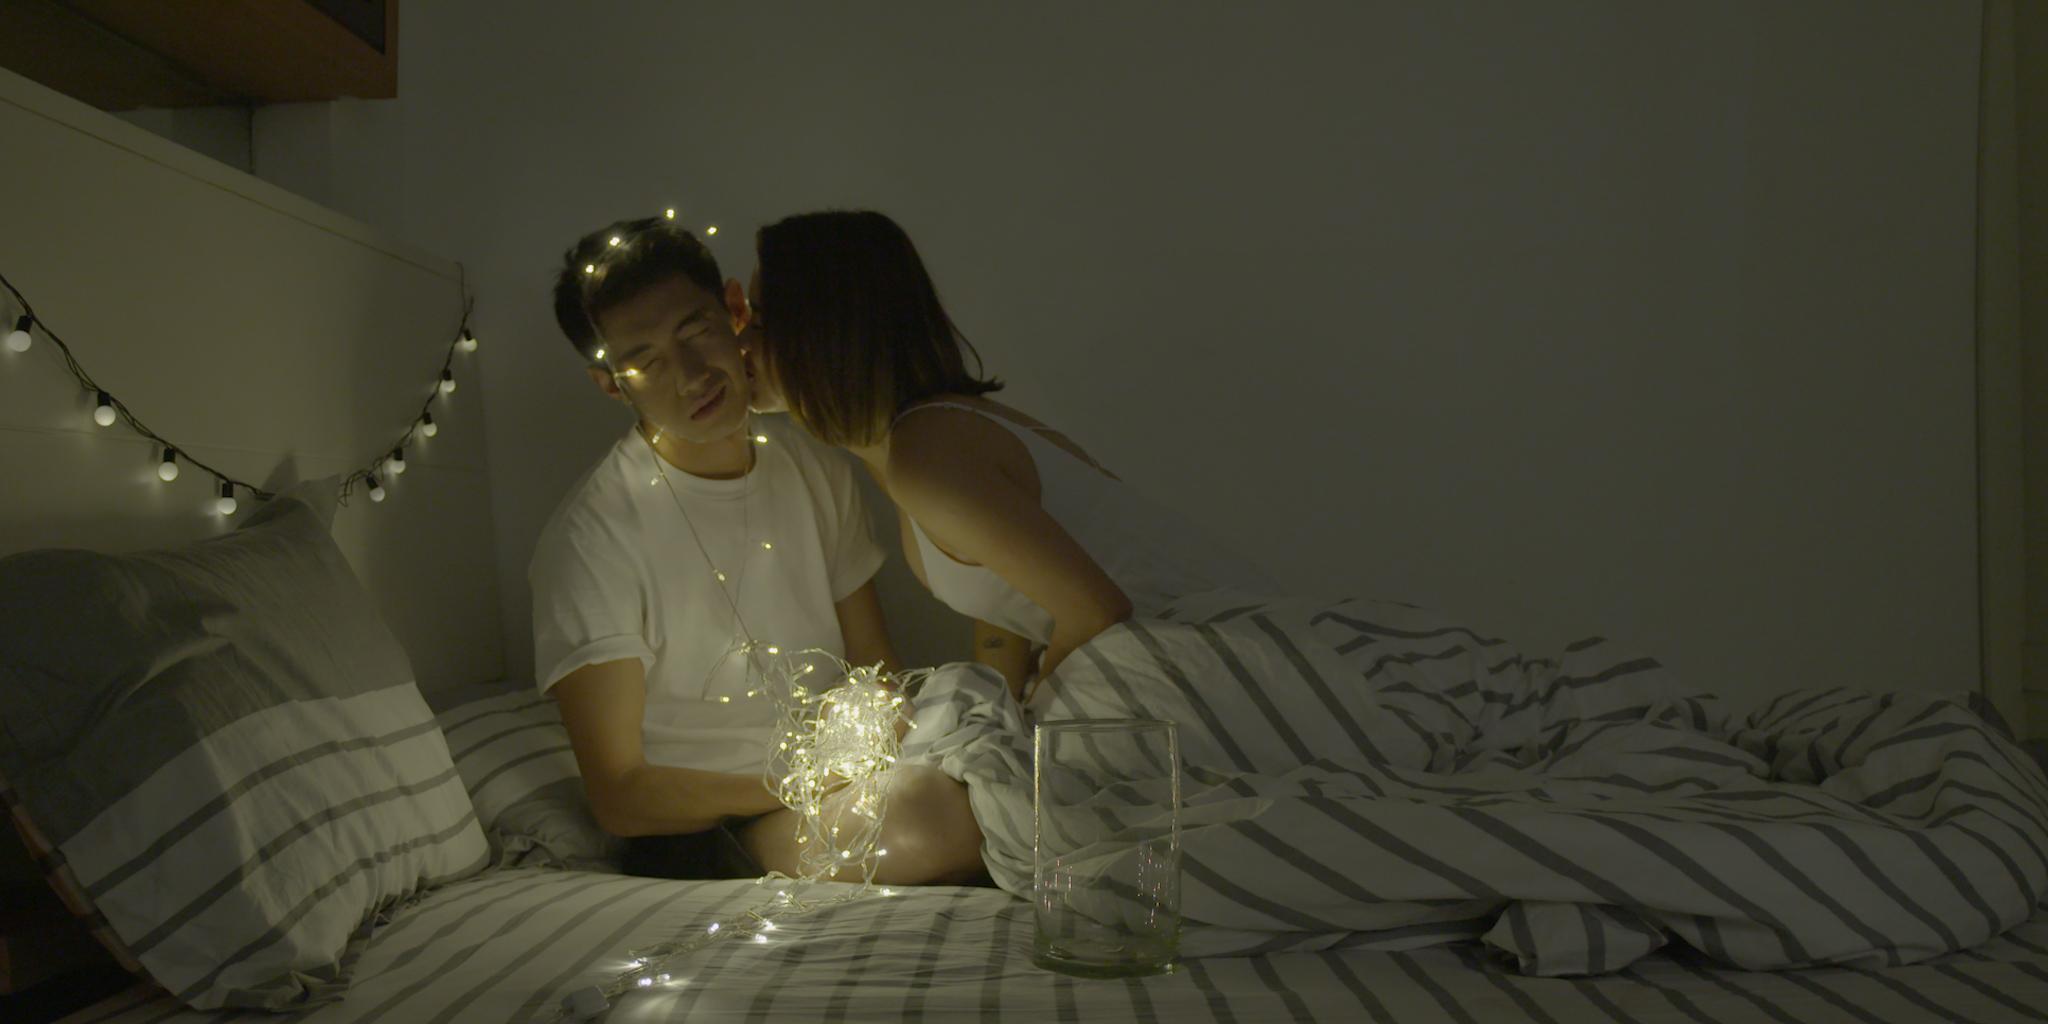 Quang Đăng, Thái Trinh hôn nhau ngọt ngào trong MV đậm chất ngôn tình - Ảnh 3.